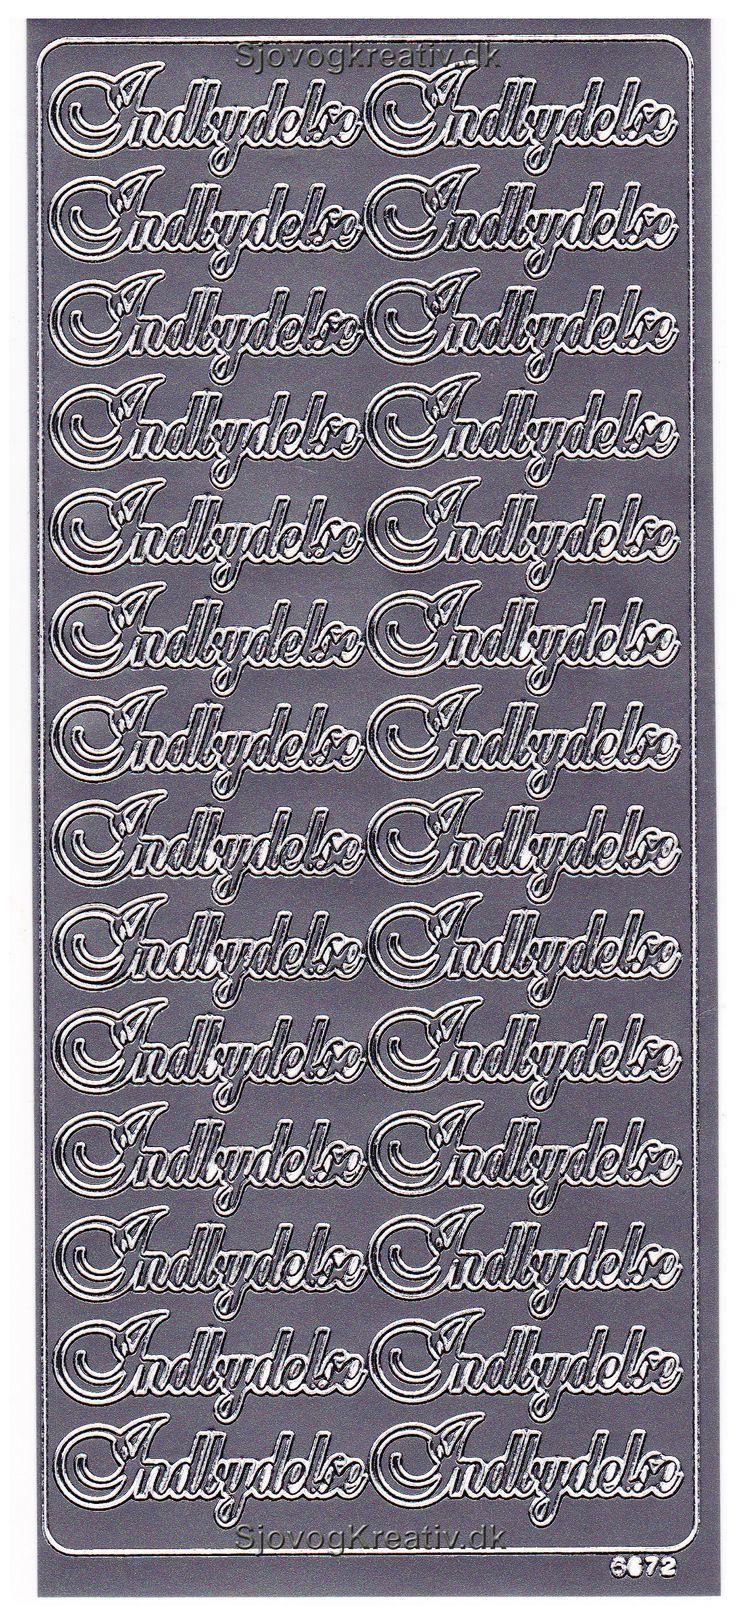 Stickers i sølv med Indbydelse tekst til dine indbydelser til festen fra sjovogkreativ.dk